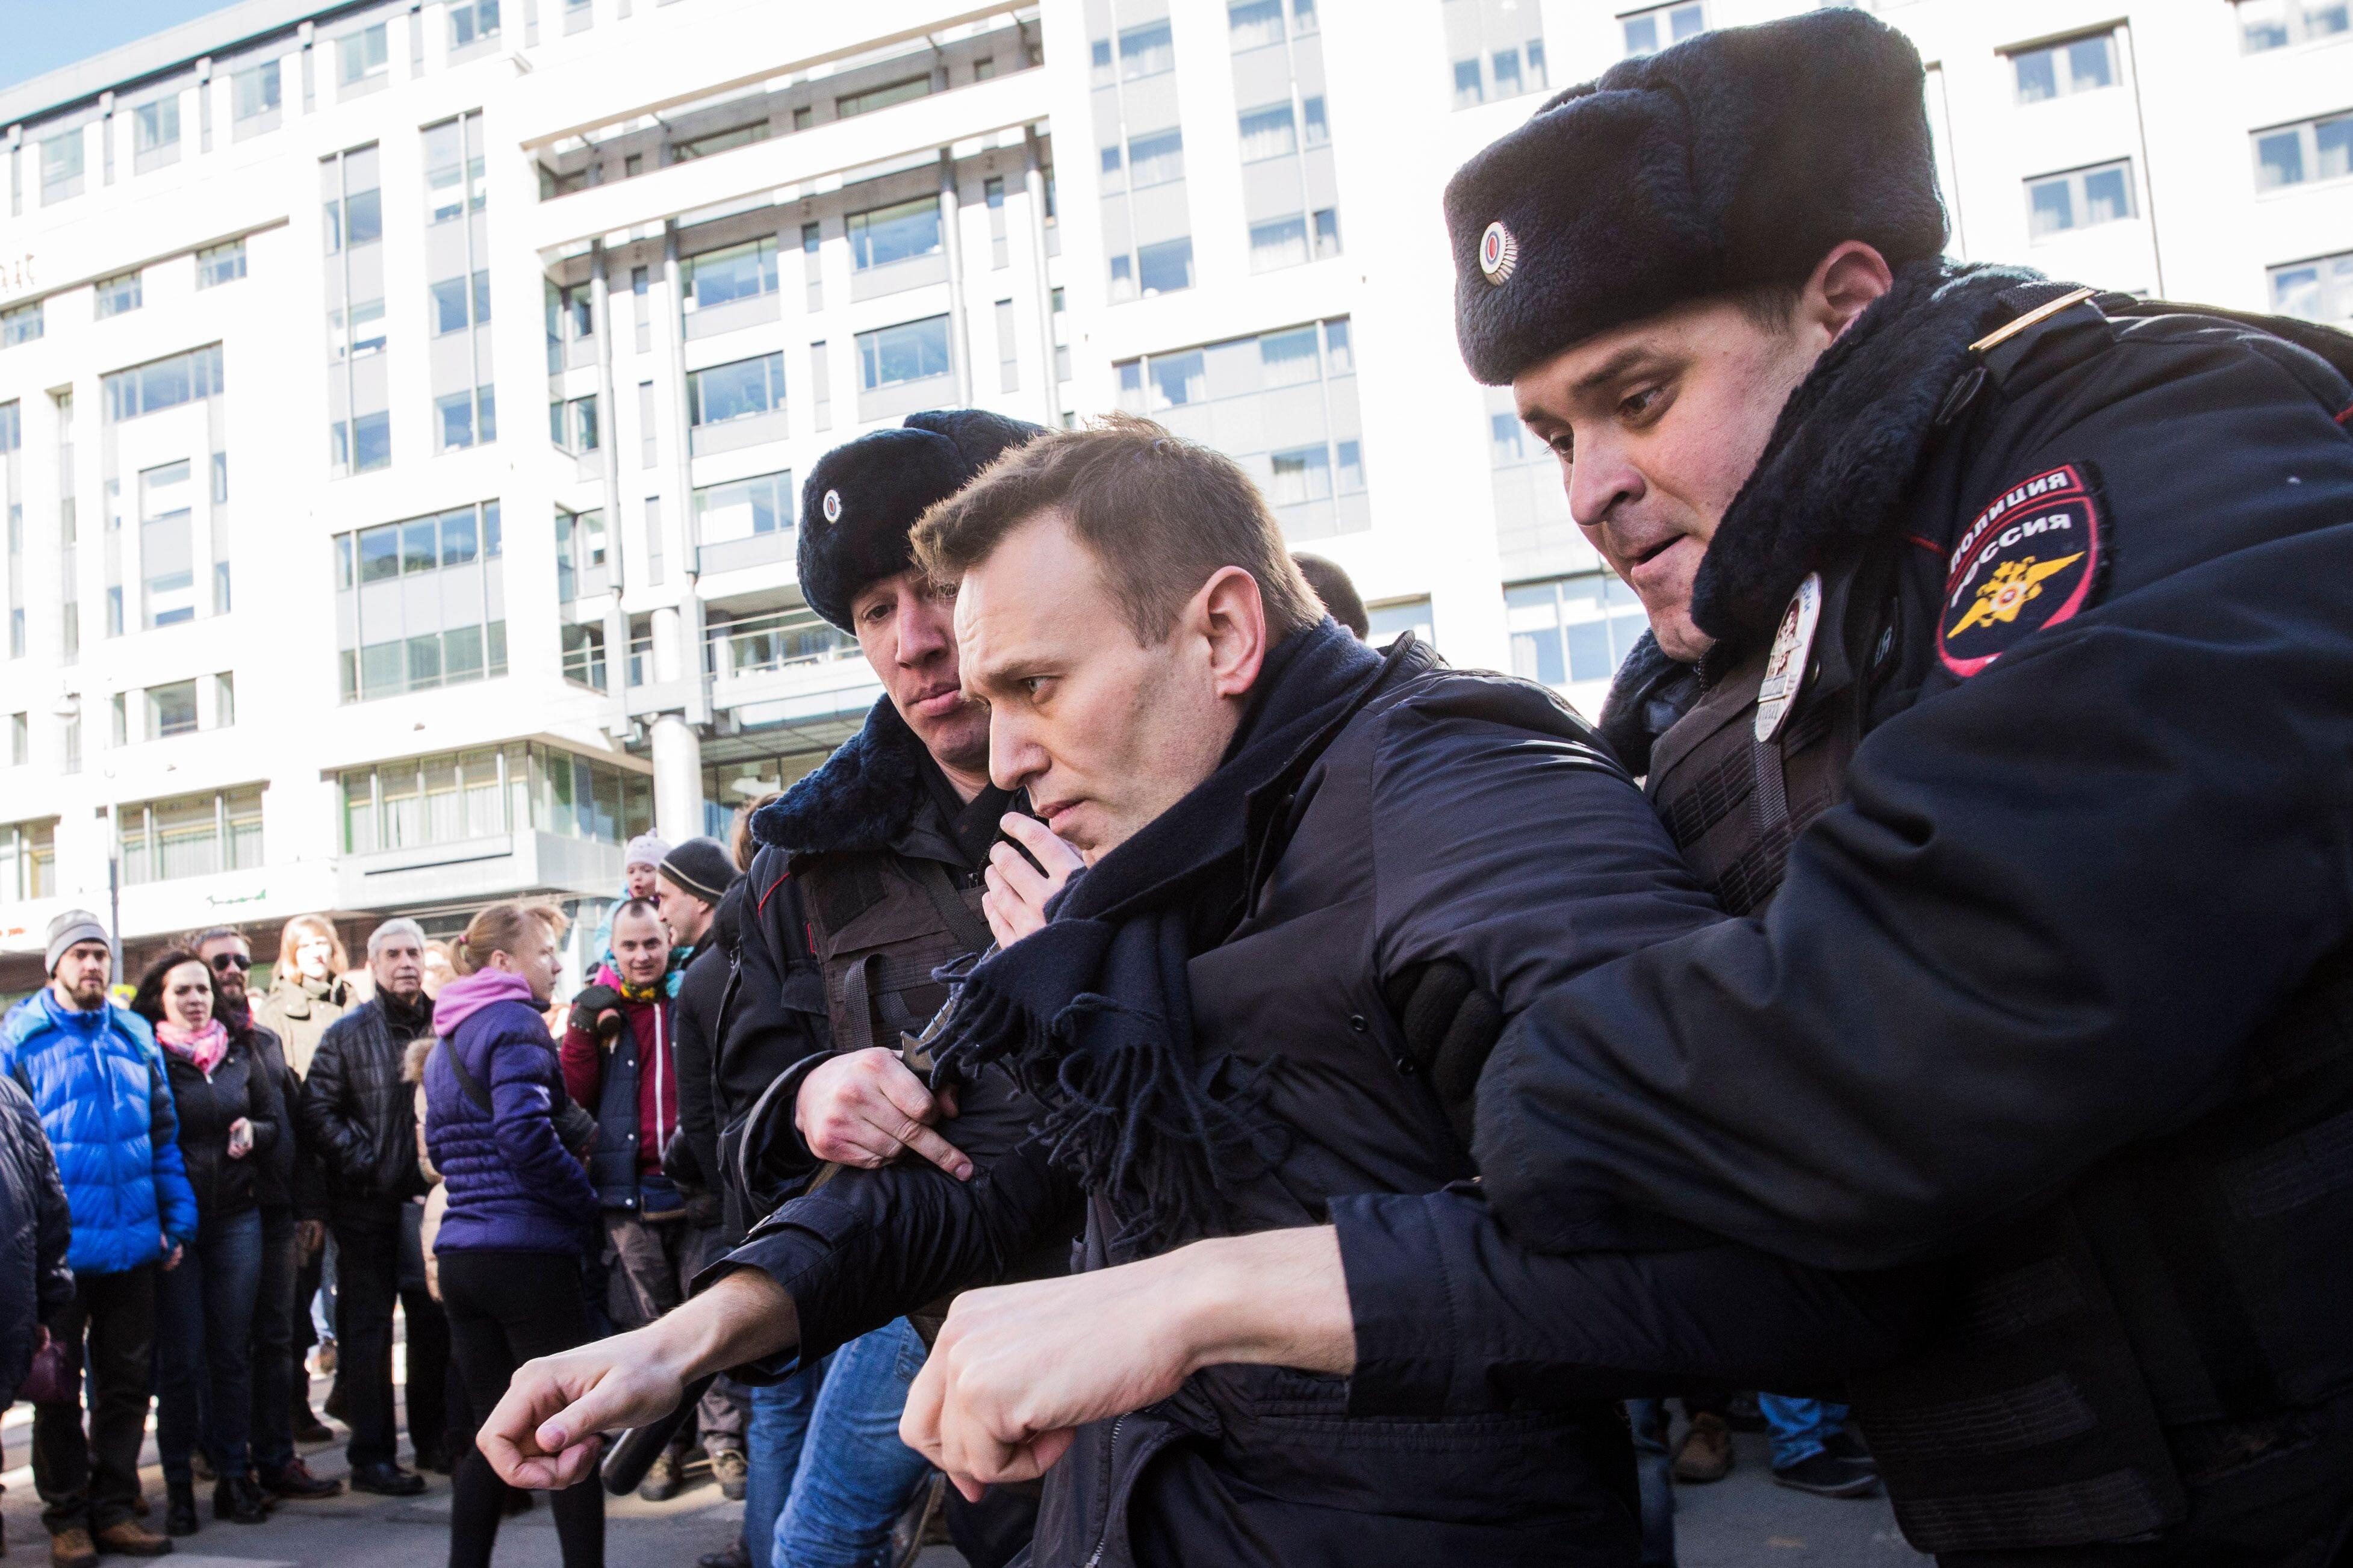 La Russia per lanciare manifestazioni anti-corruzione del leader dell'opposizione Na Wani giorno di Santo Stefano è stato arrestato a Mosca. (Novosti europea)